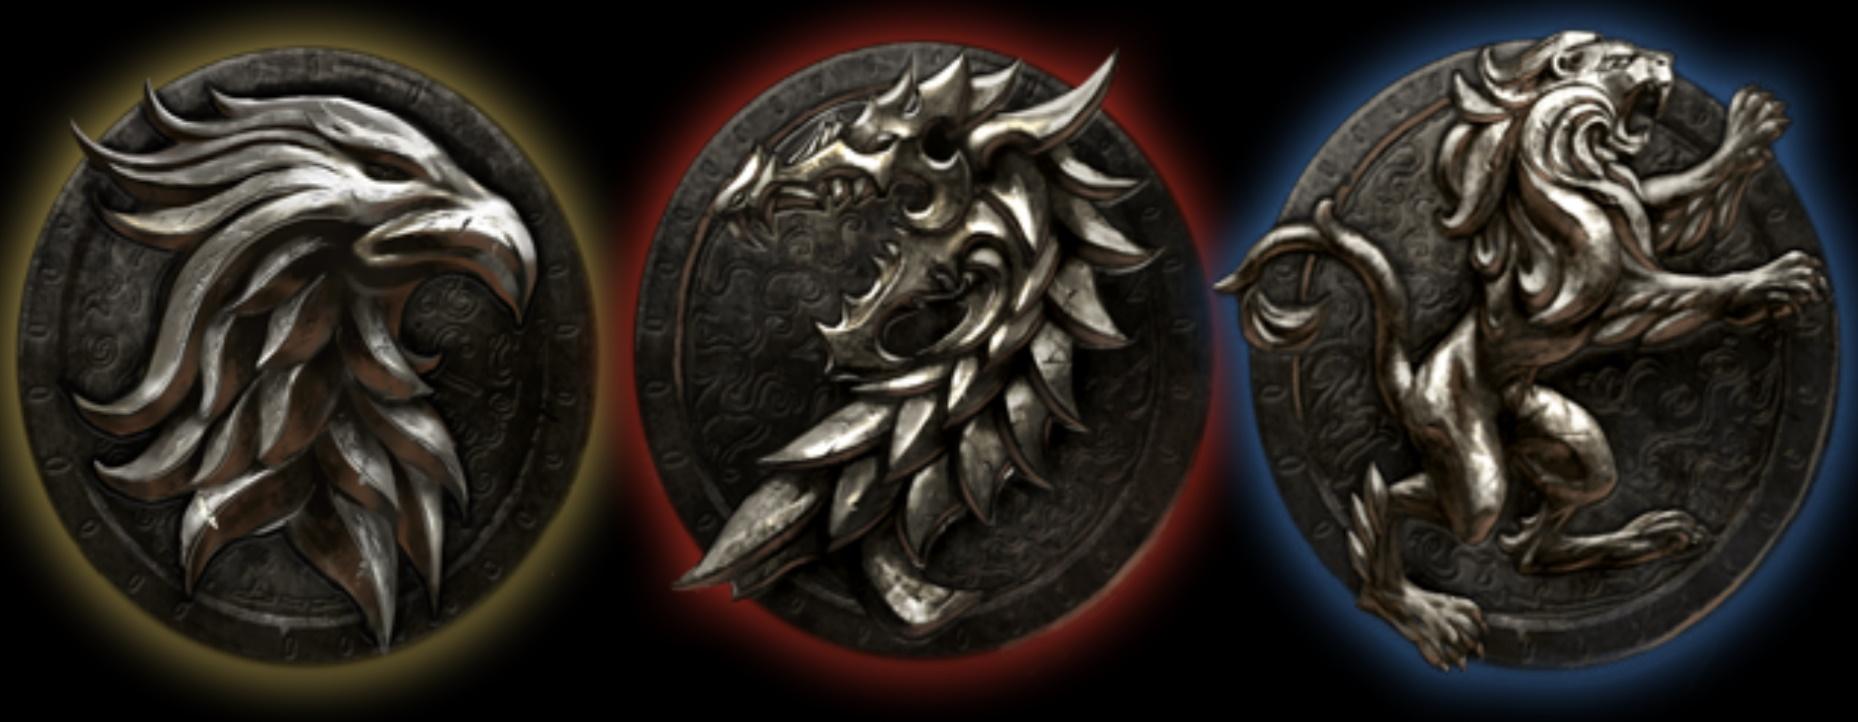 ESO quiz león dragón águila escudo